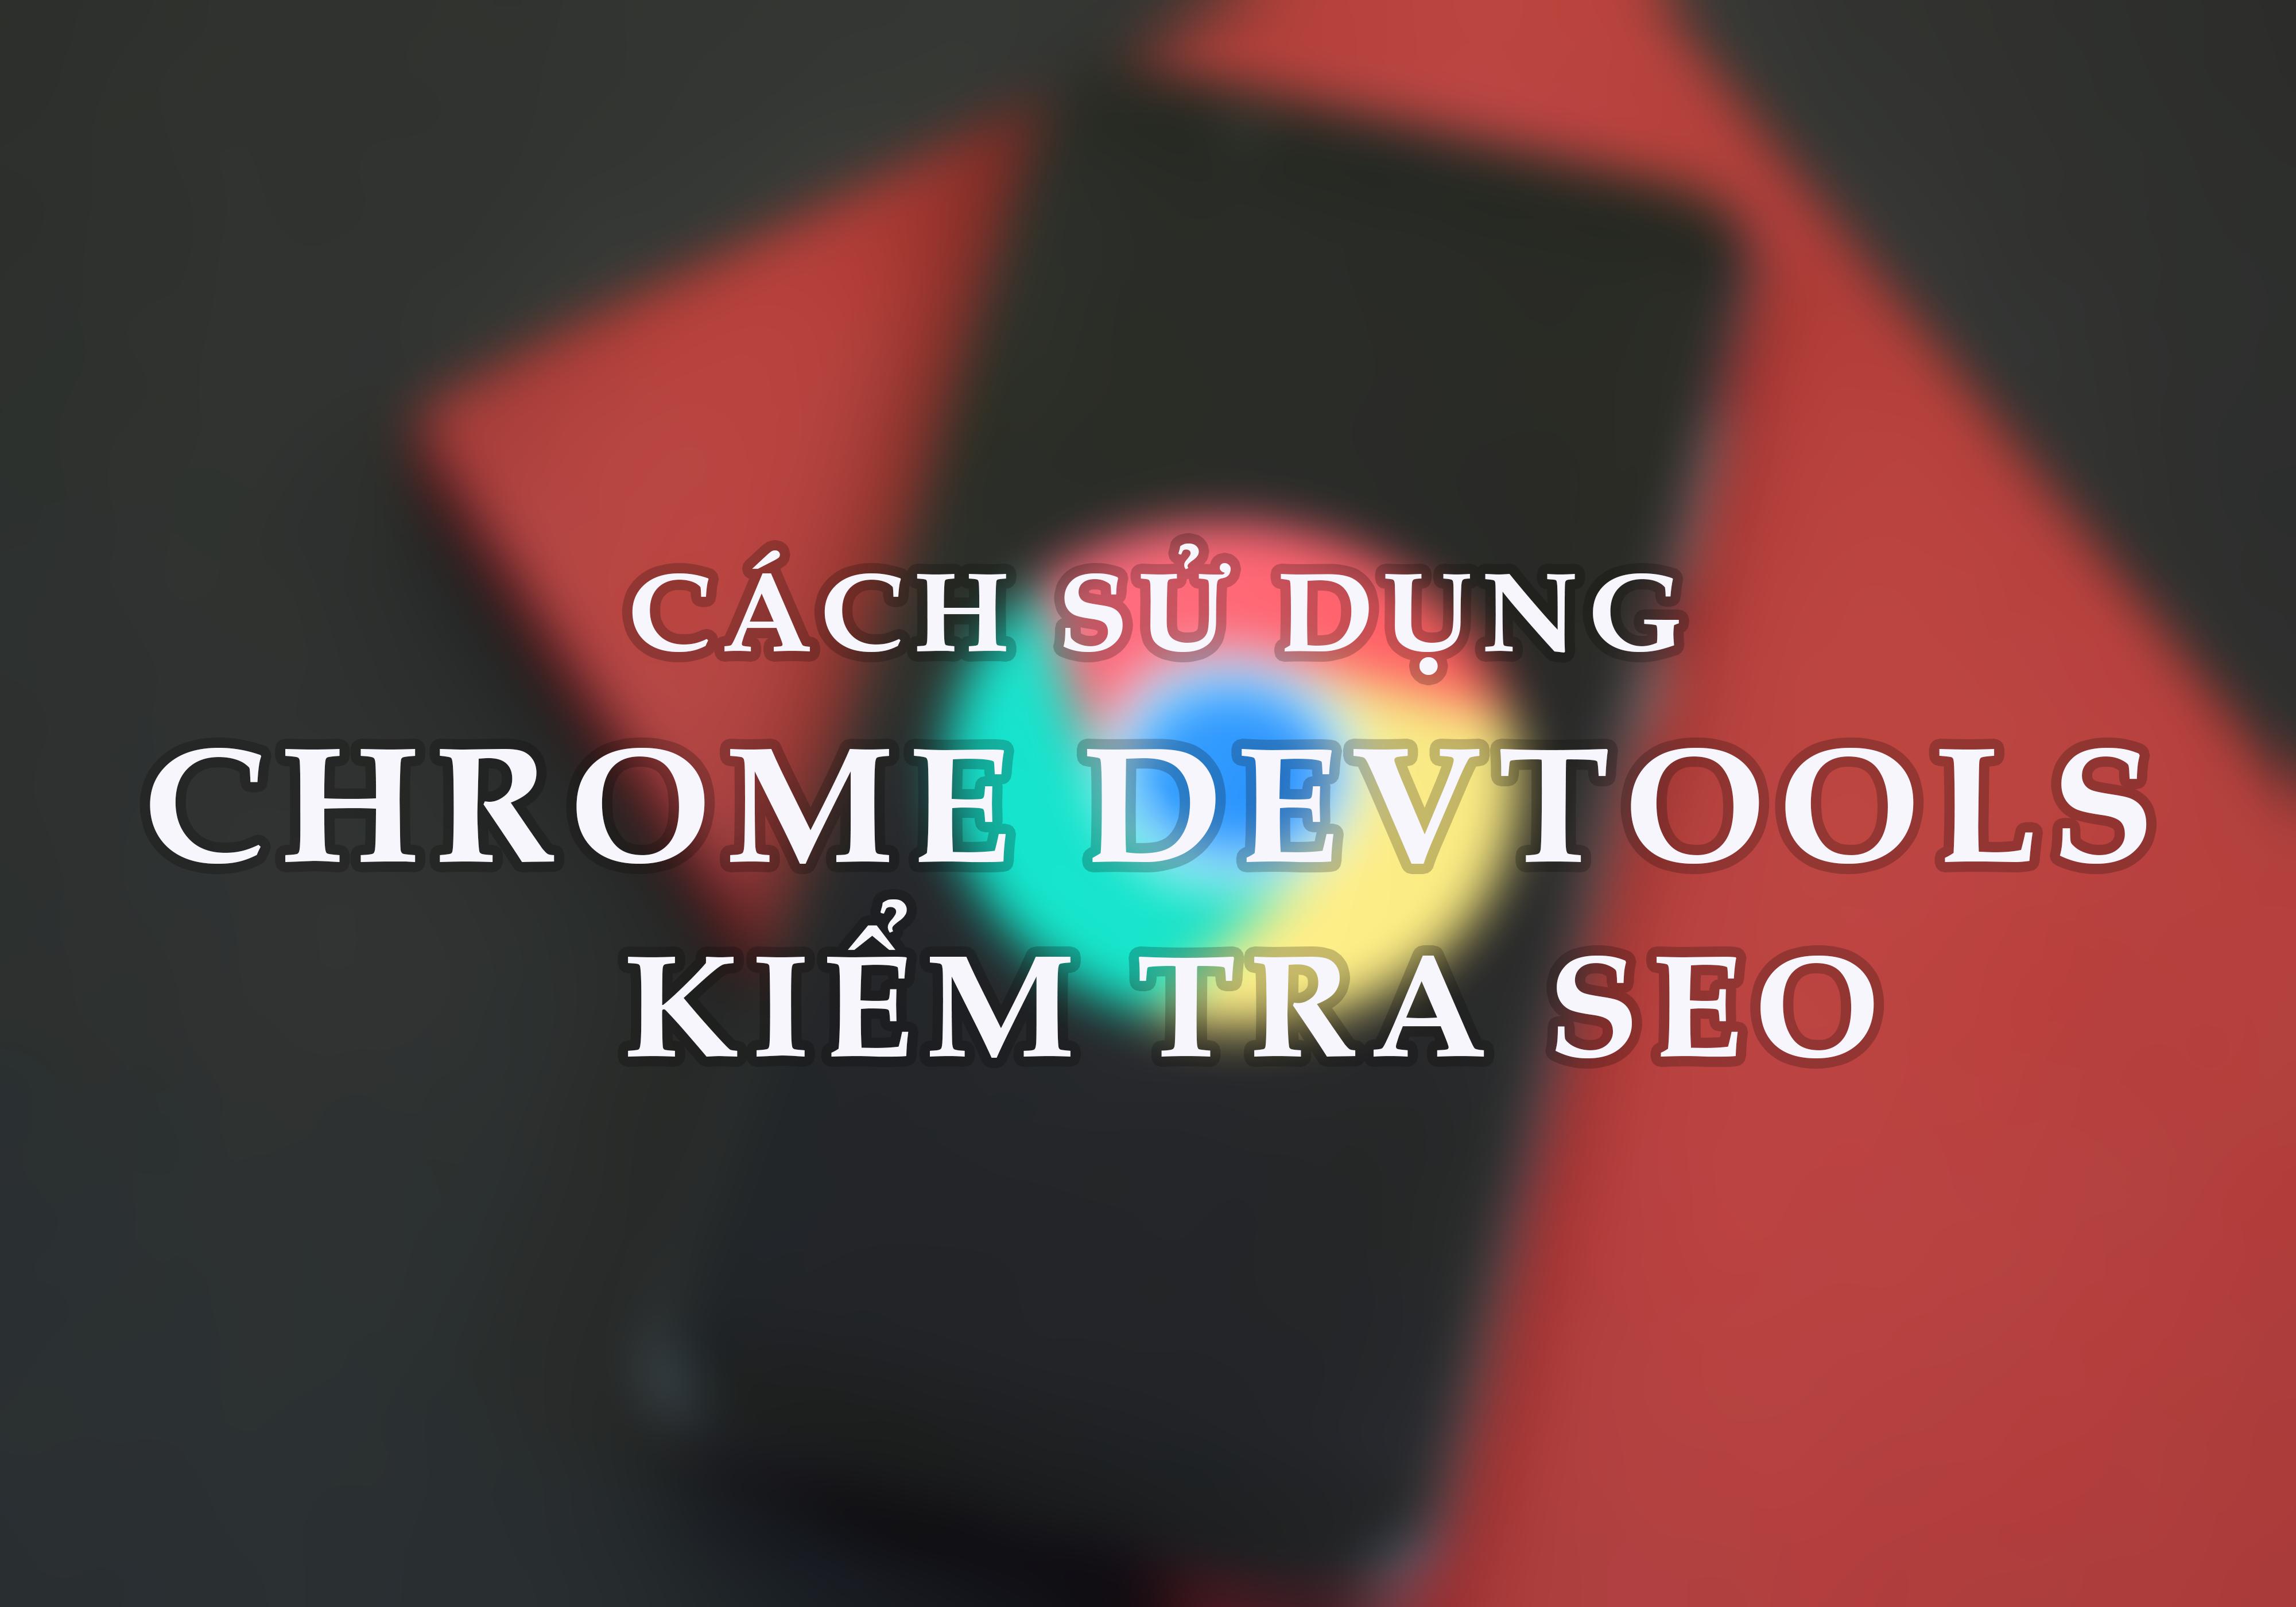 3 Cách sử dụng Chrome DevTools để kiểm tra SEO